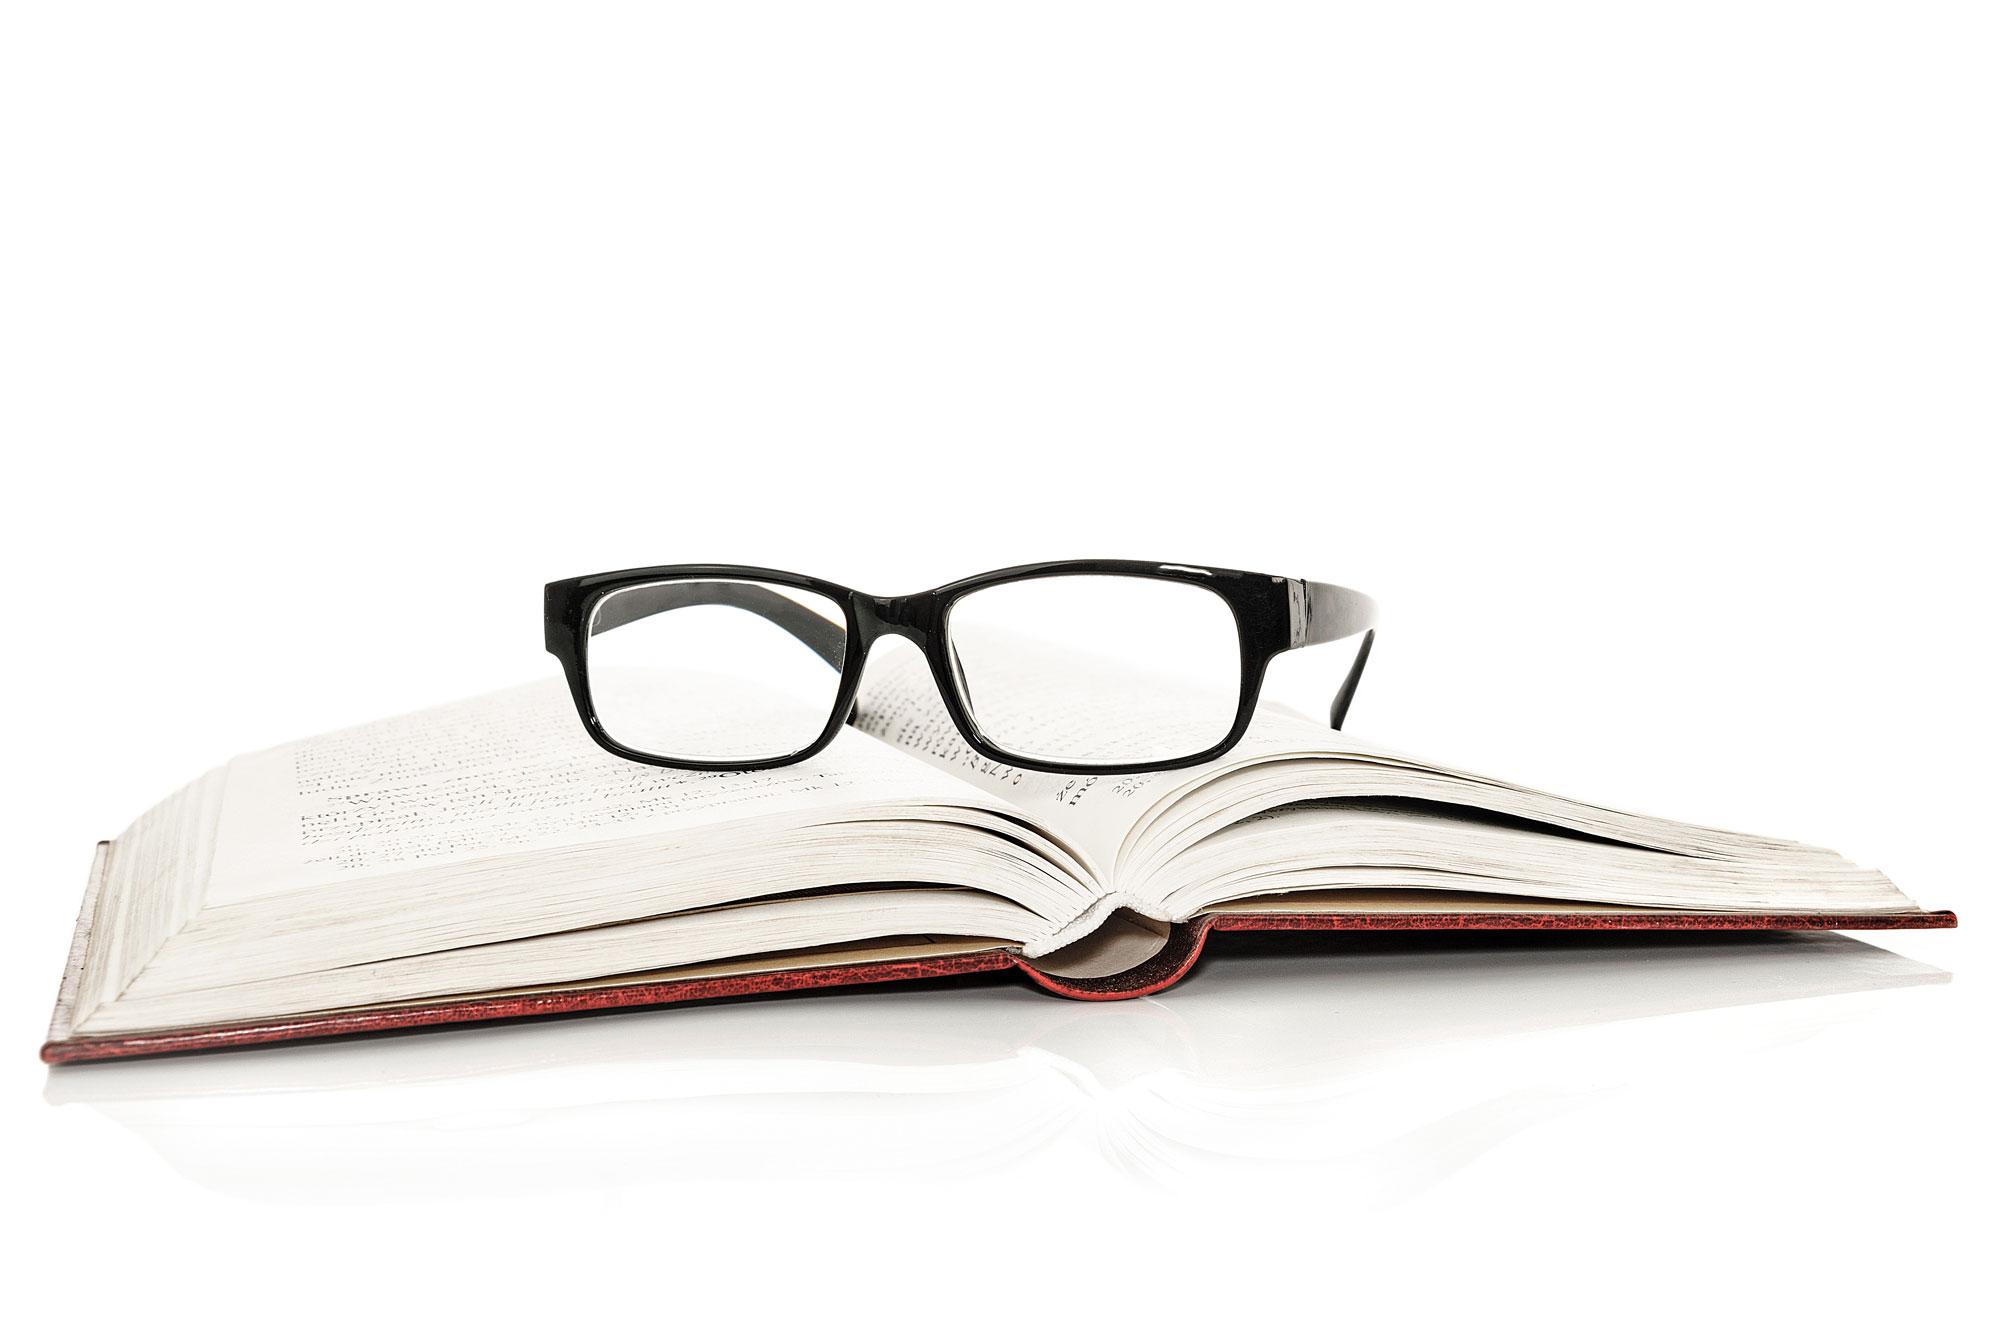 Bücher, Brille, lernen